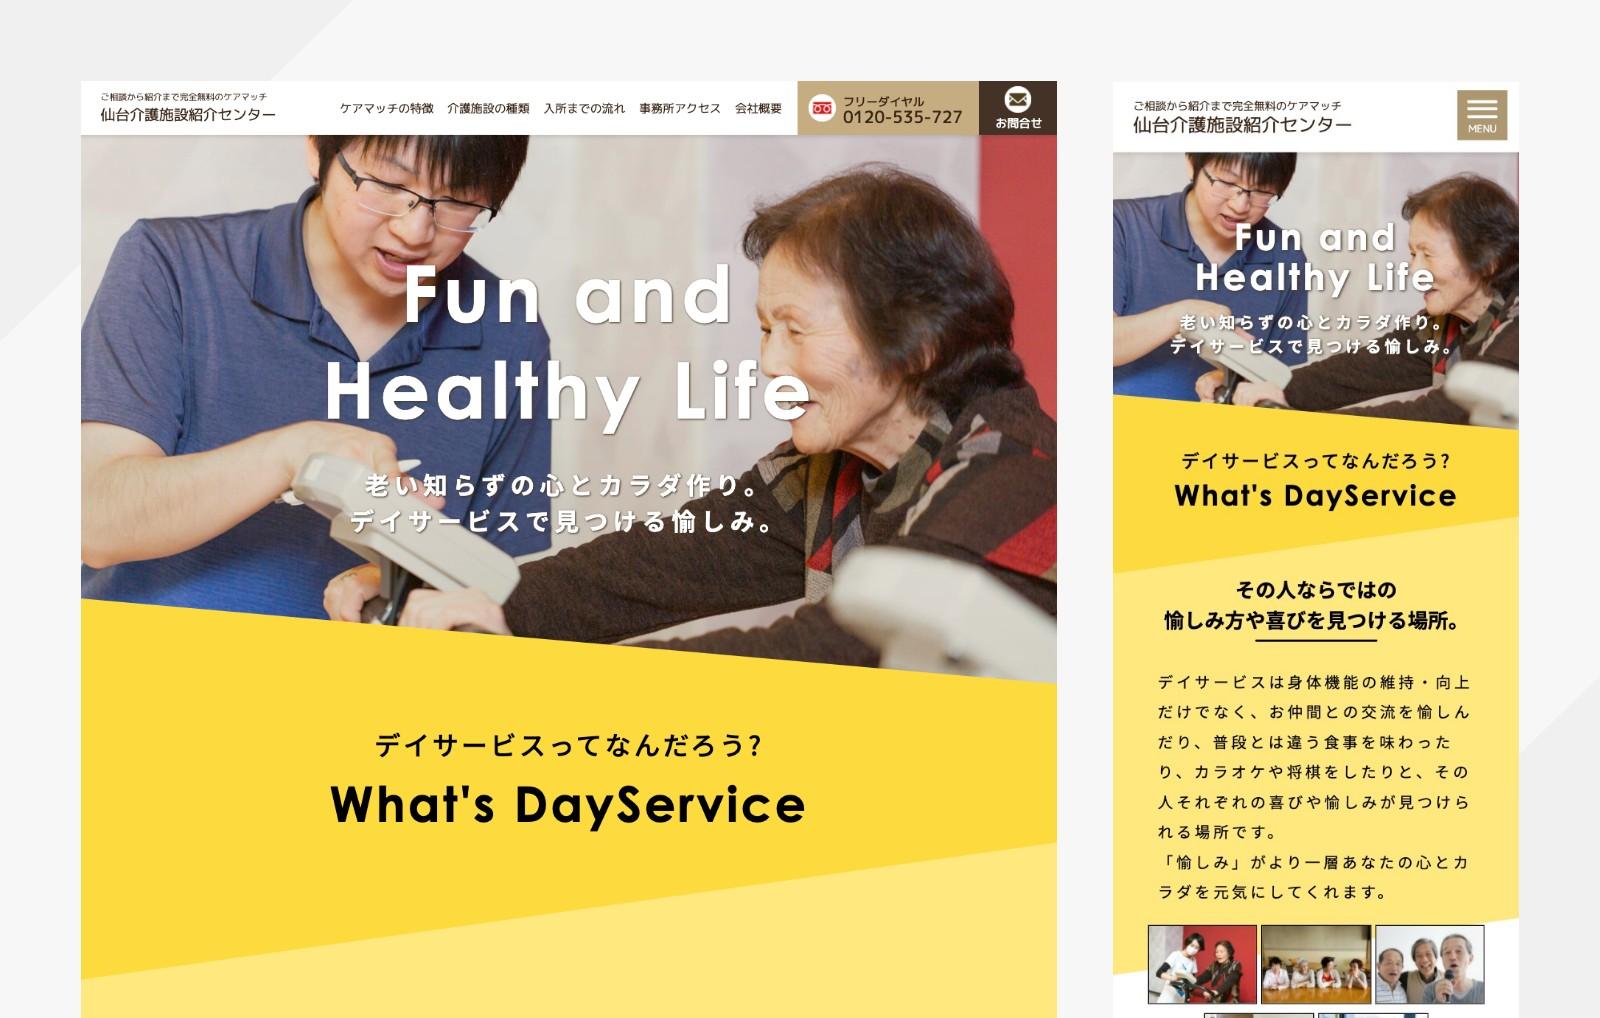 仙台介護紹介センターデイサービスランディングページ